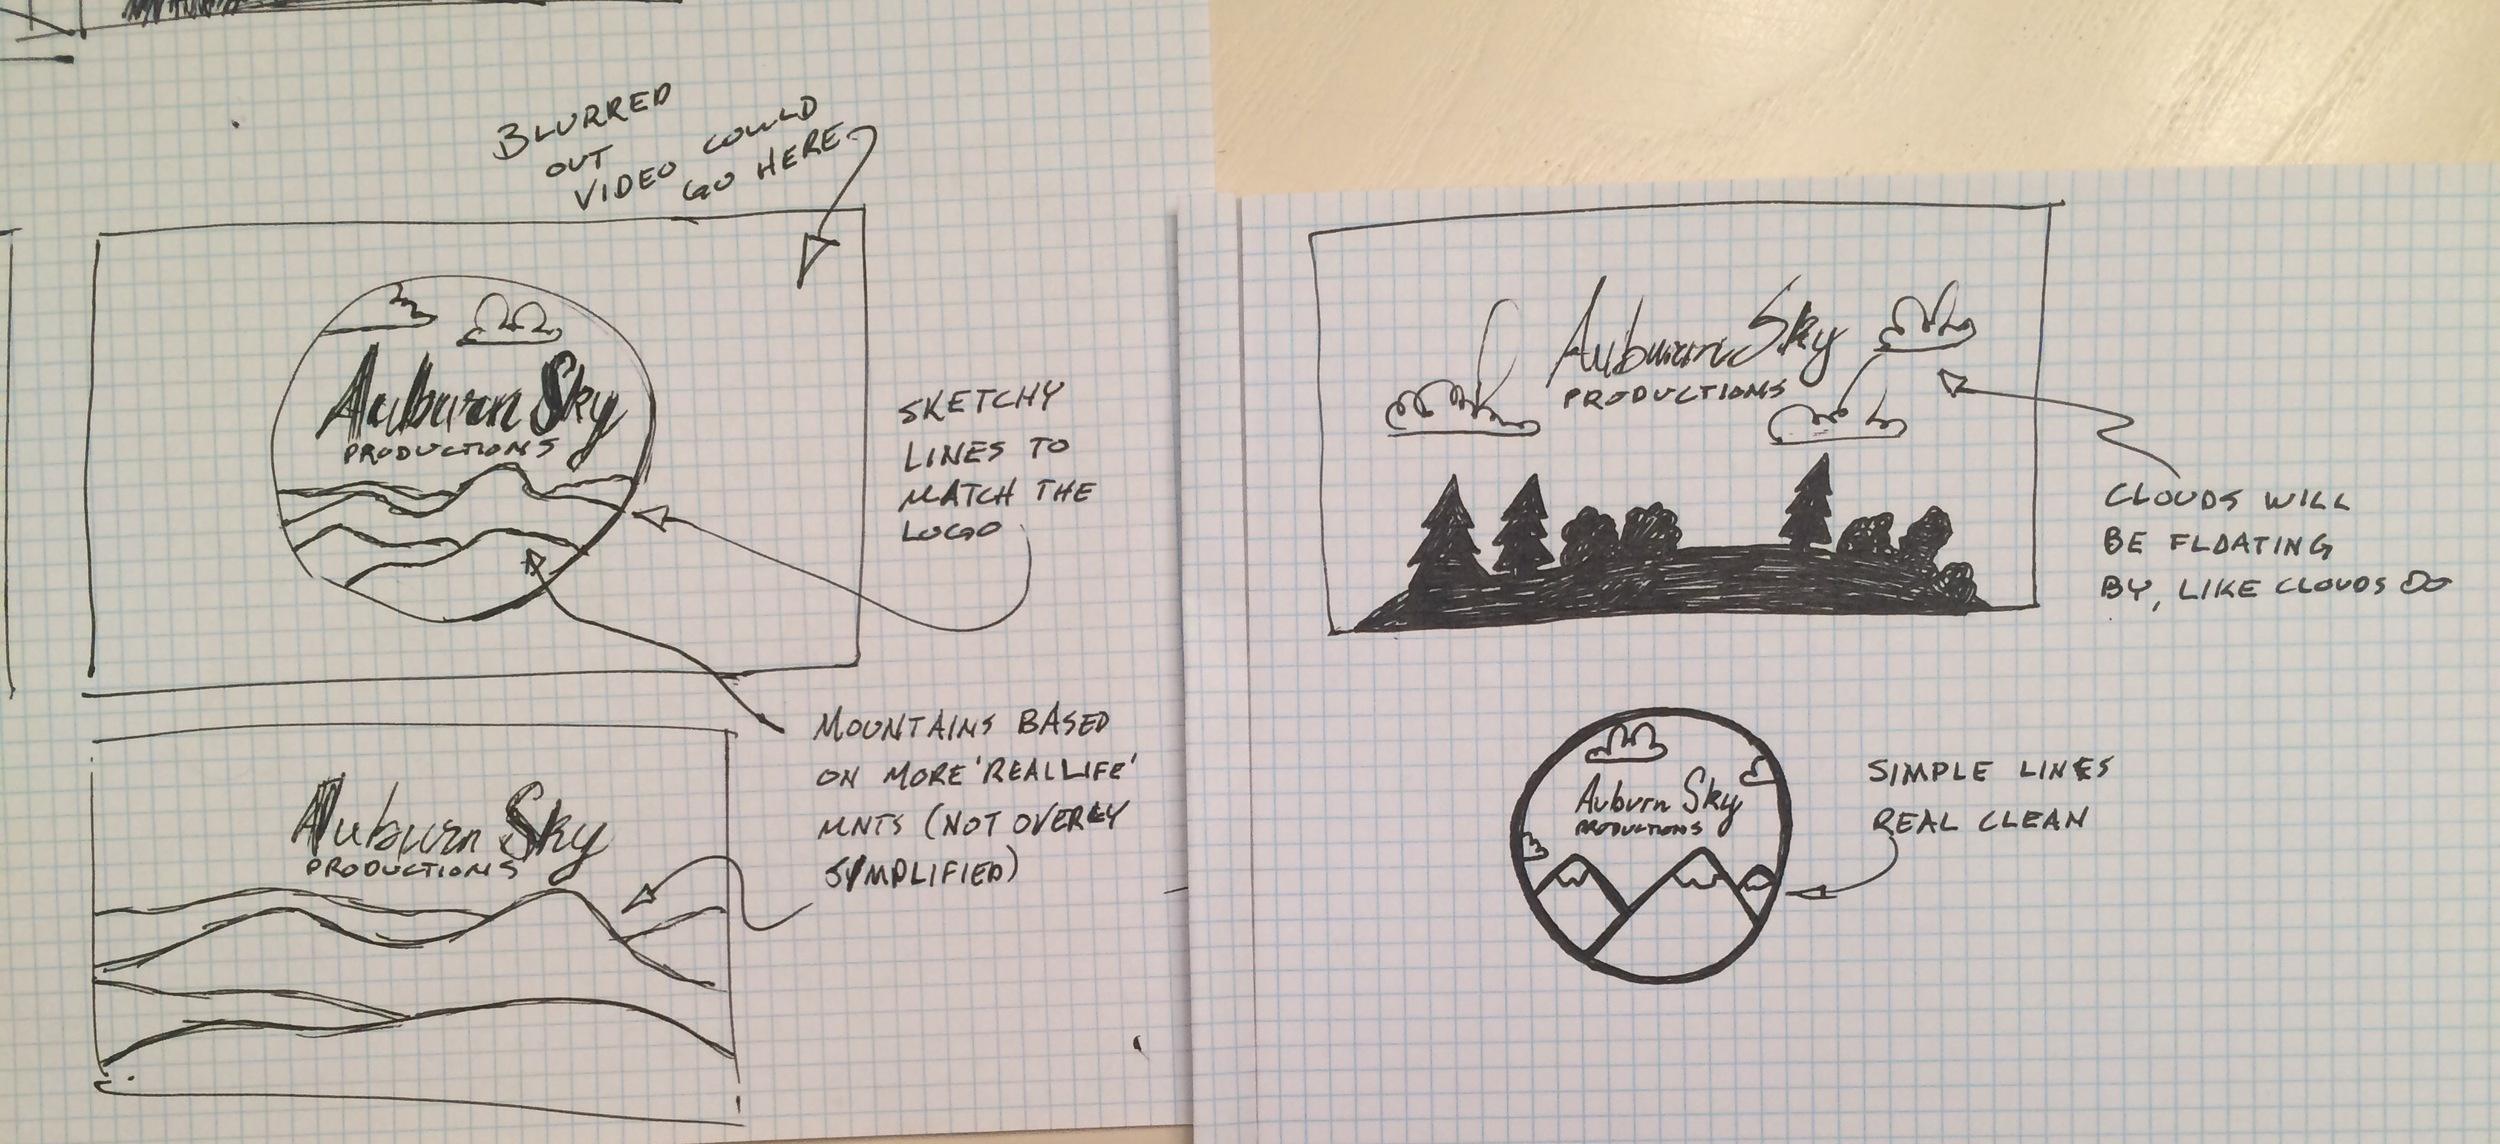 austin-saylor-auburn-sky-productions-sketches